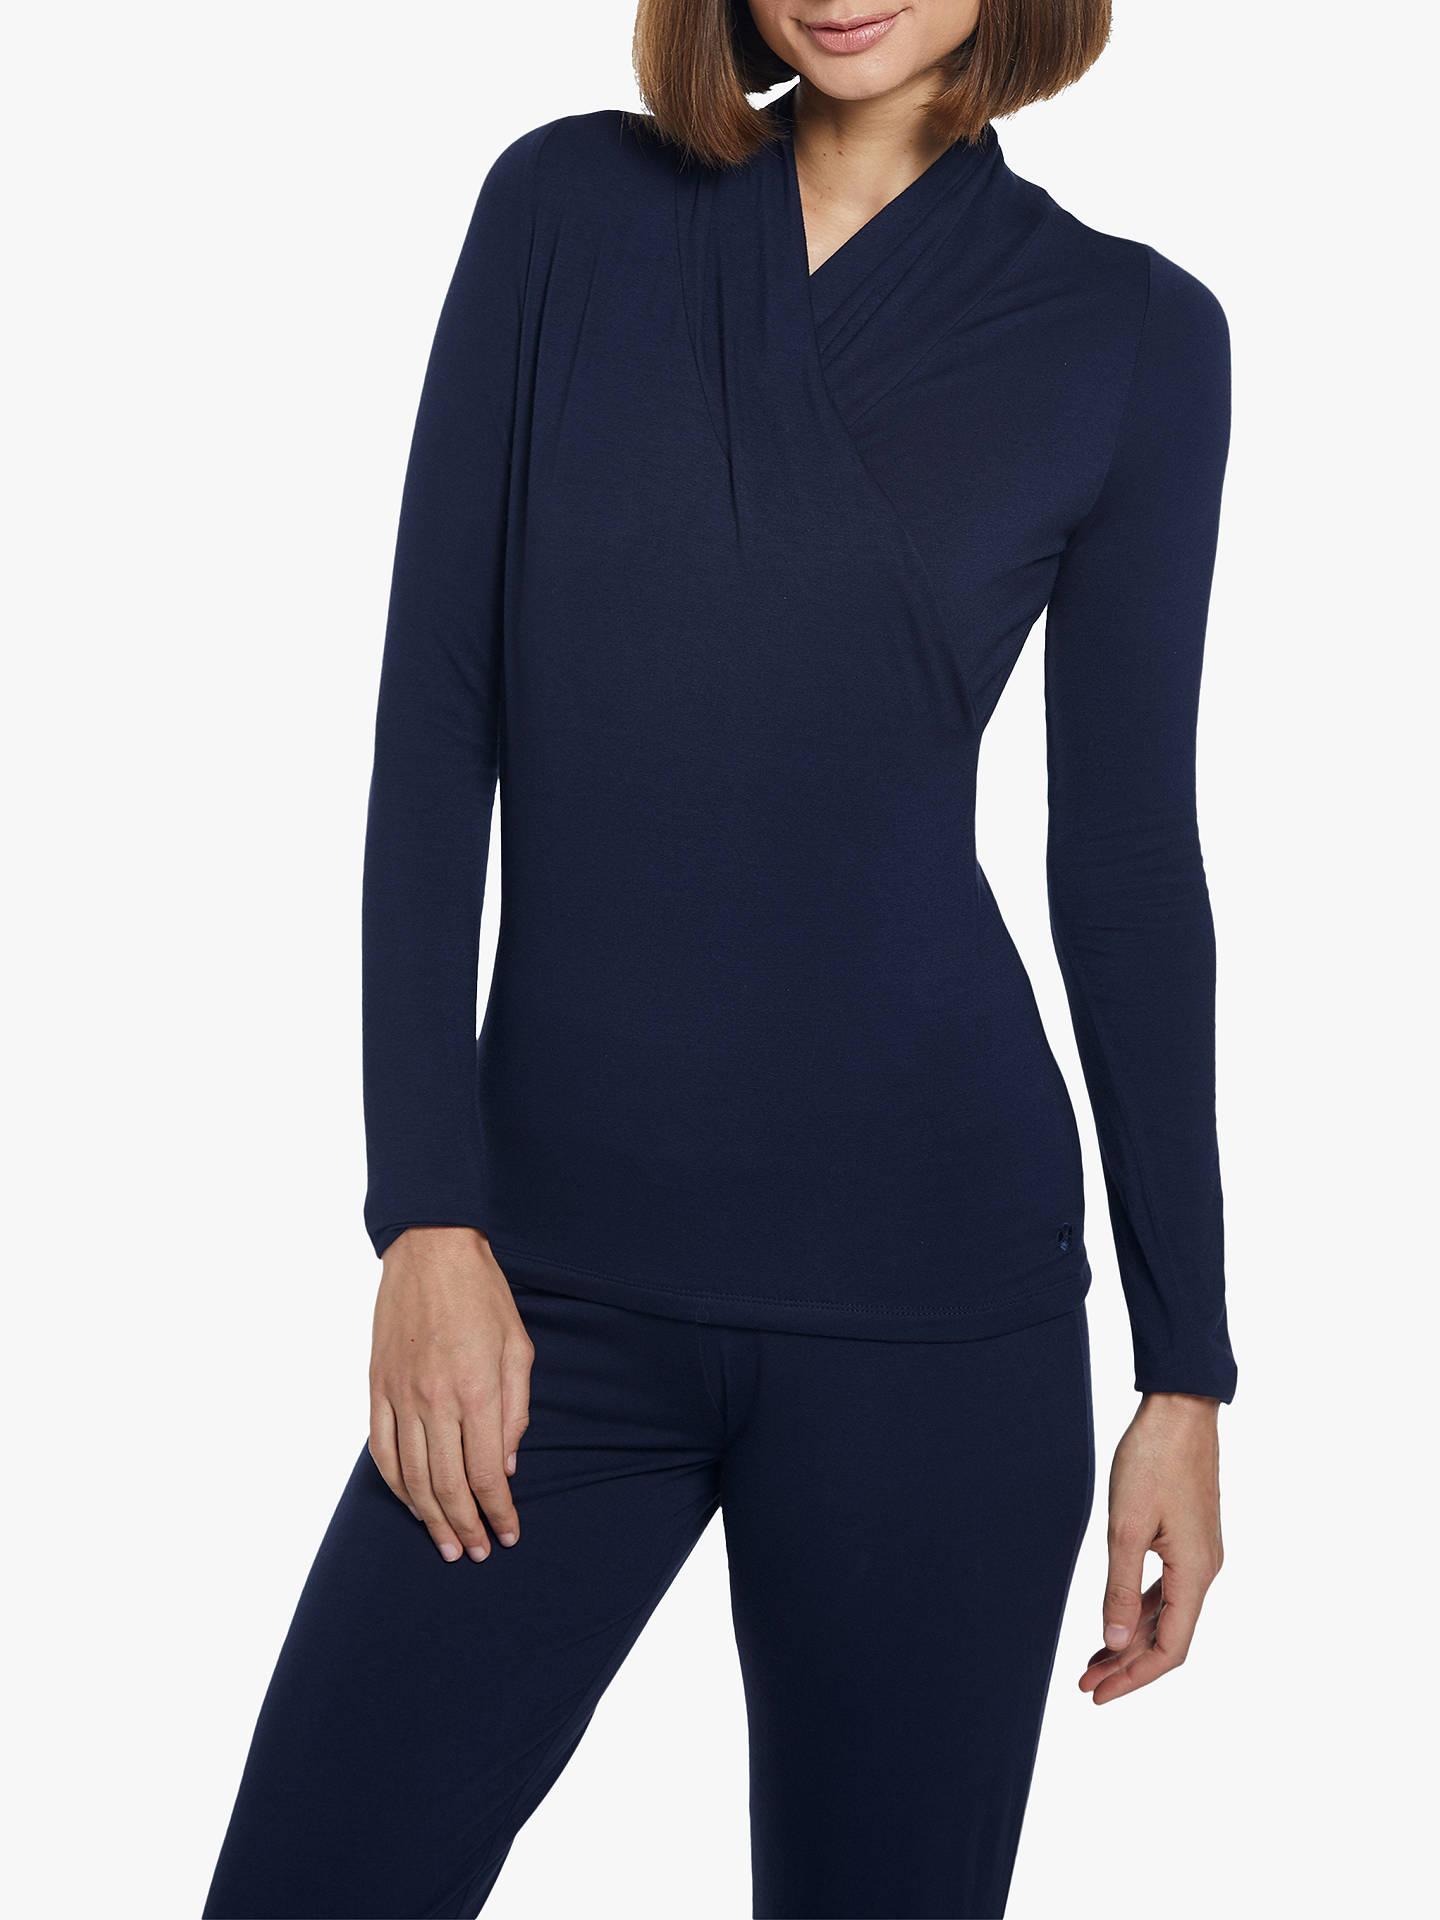 22496950b7 Buy M Life Awakening Long Sleeve Crossover Yoga Top, Navy, XS Online at  johnlewis ...